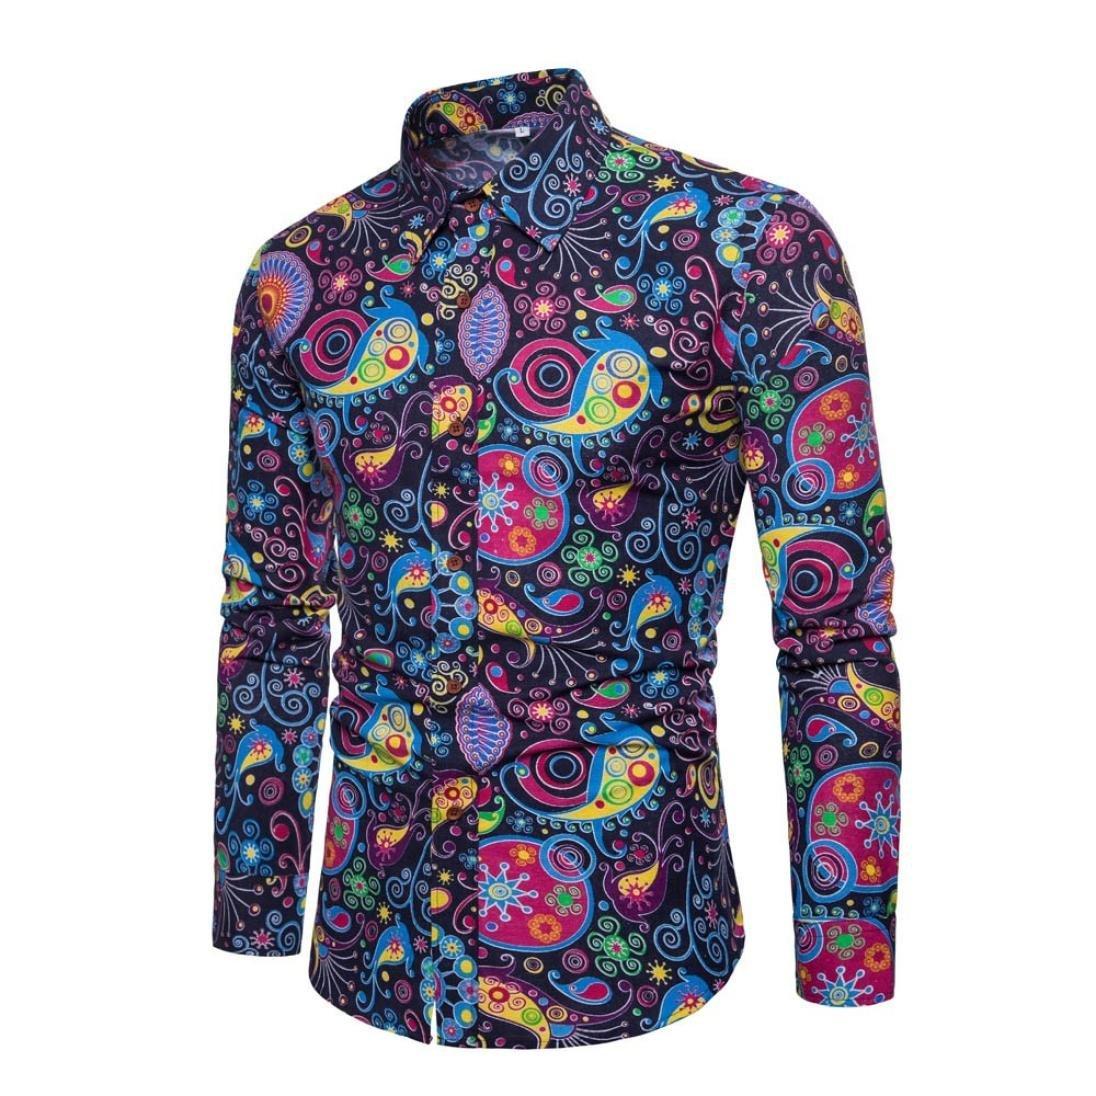 Men Printed Shirt Rose Novelty Floral Patchwork Button Shirts Top Blouse Zulmaliu(M-5XL) (Navy, 4XL)